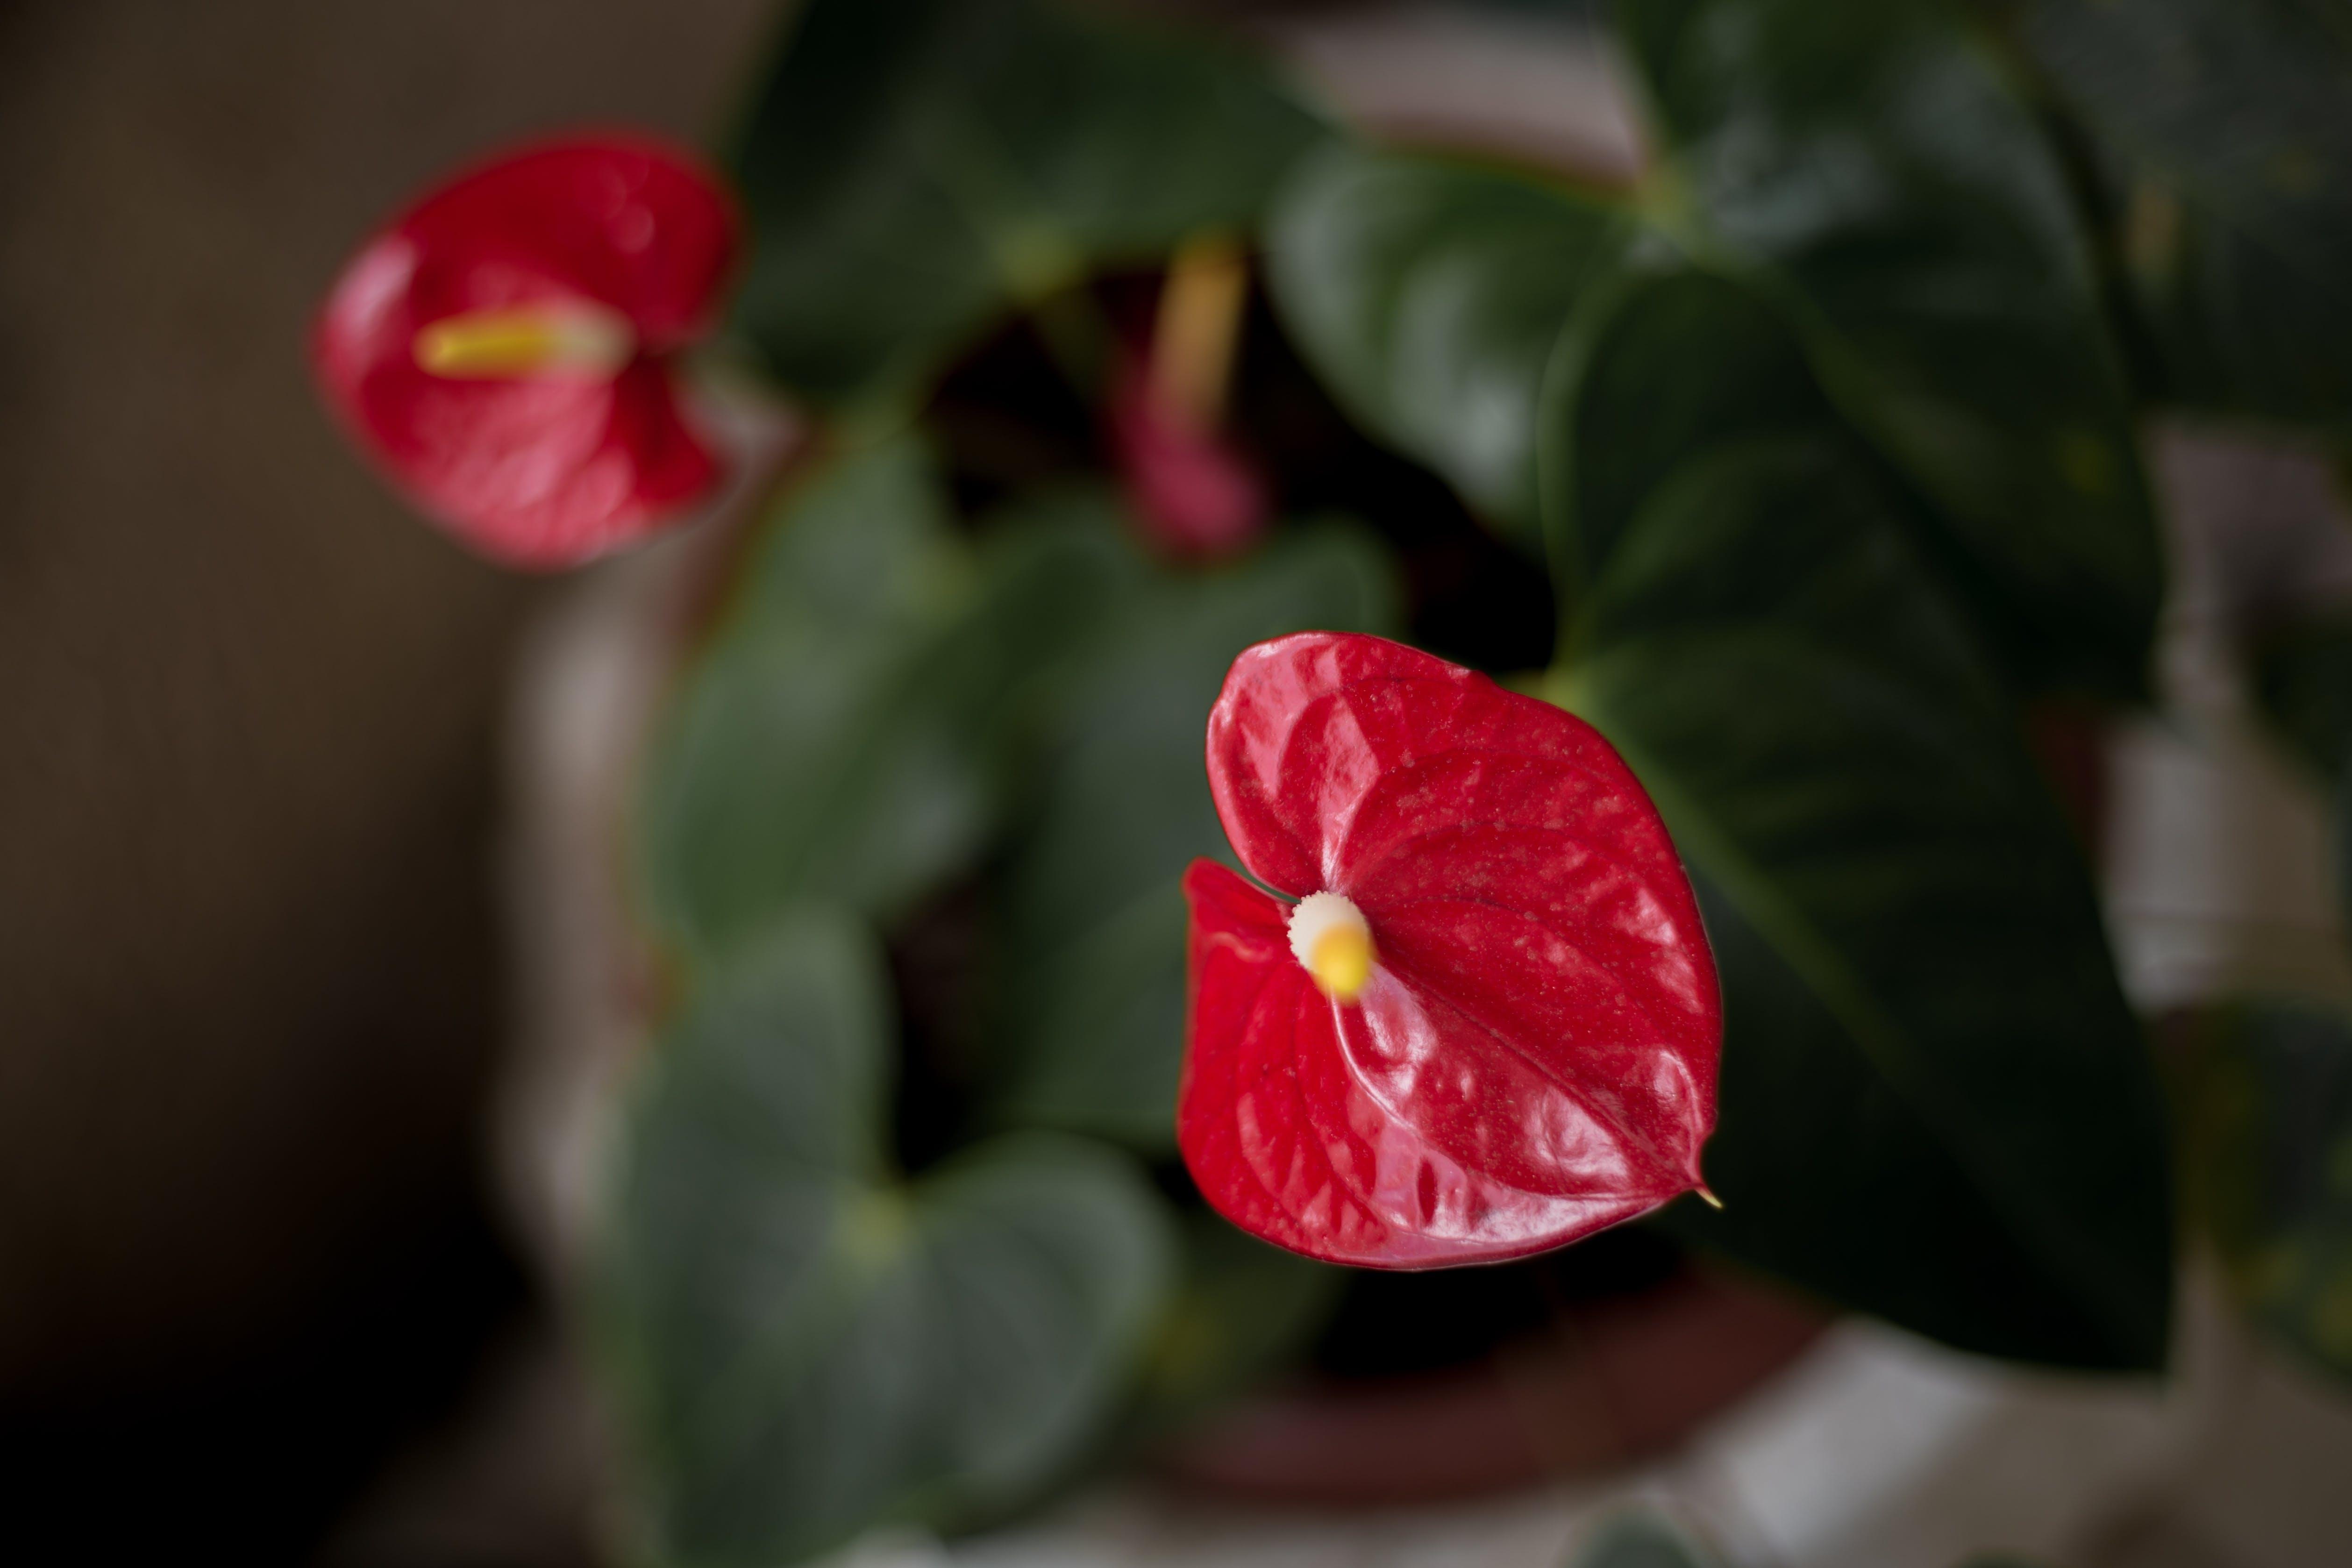 天性, 紅色, 綠色, 美麗的花朵 的 免費圖庫相片